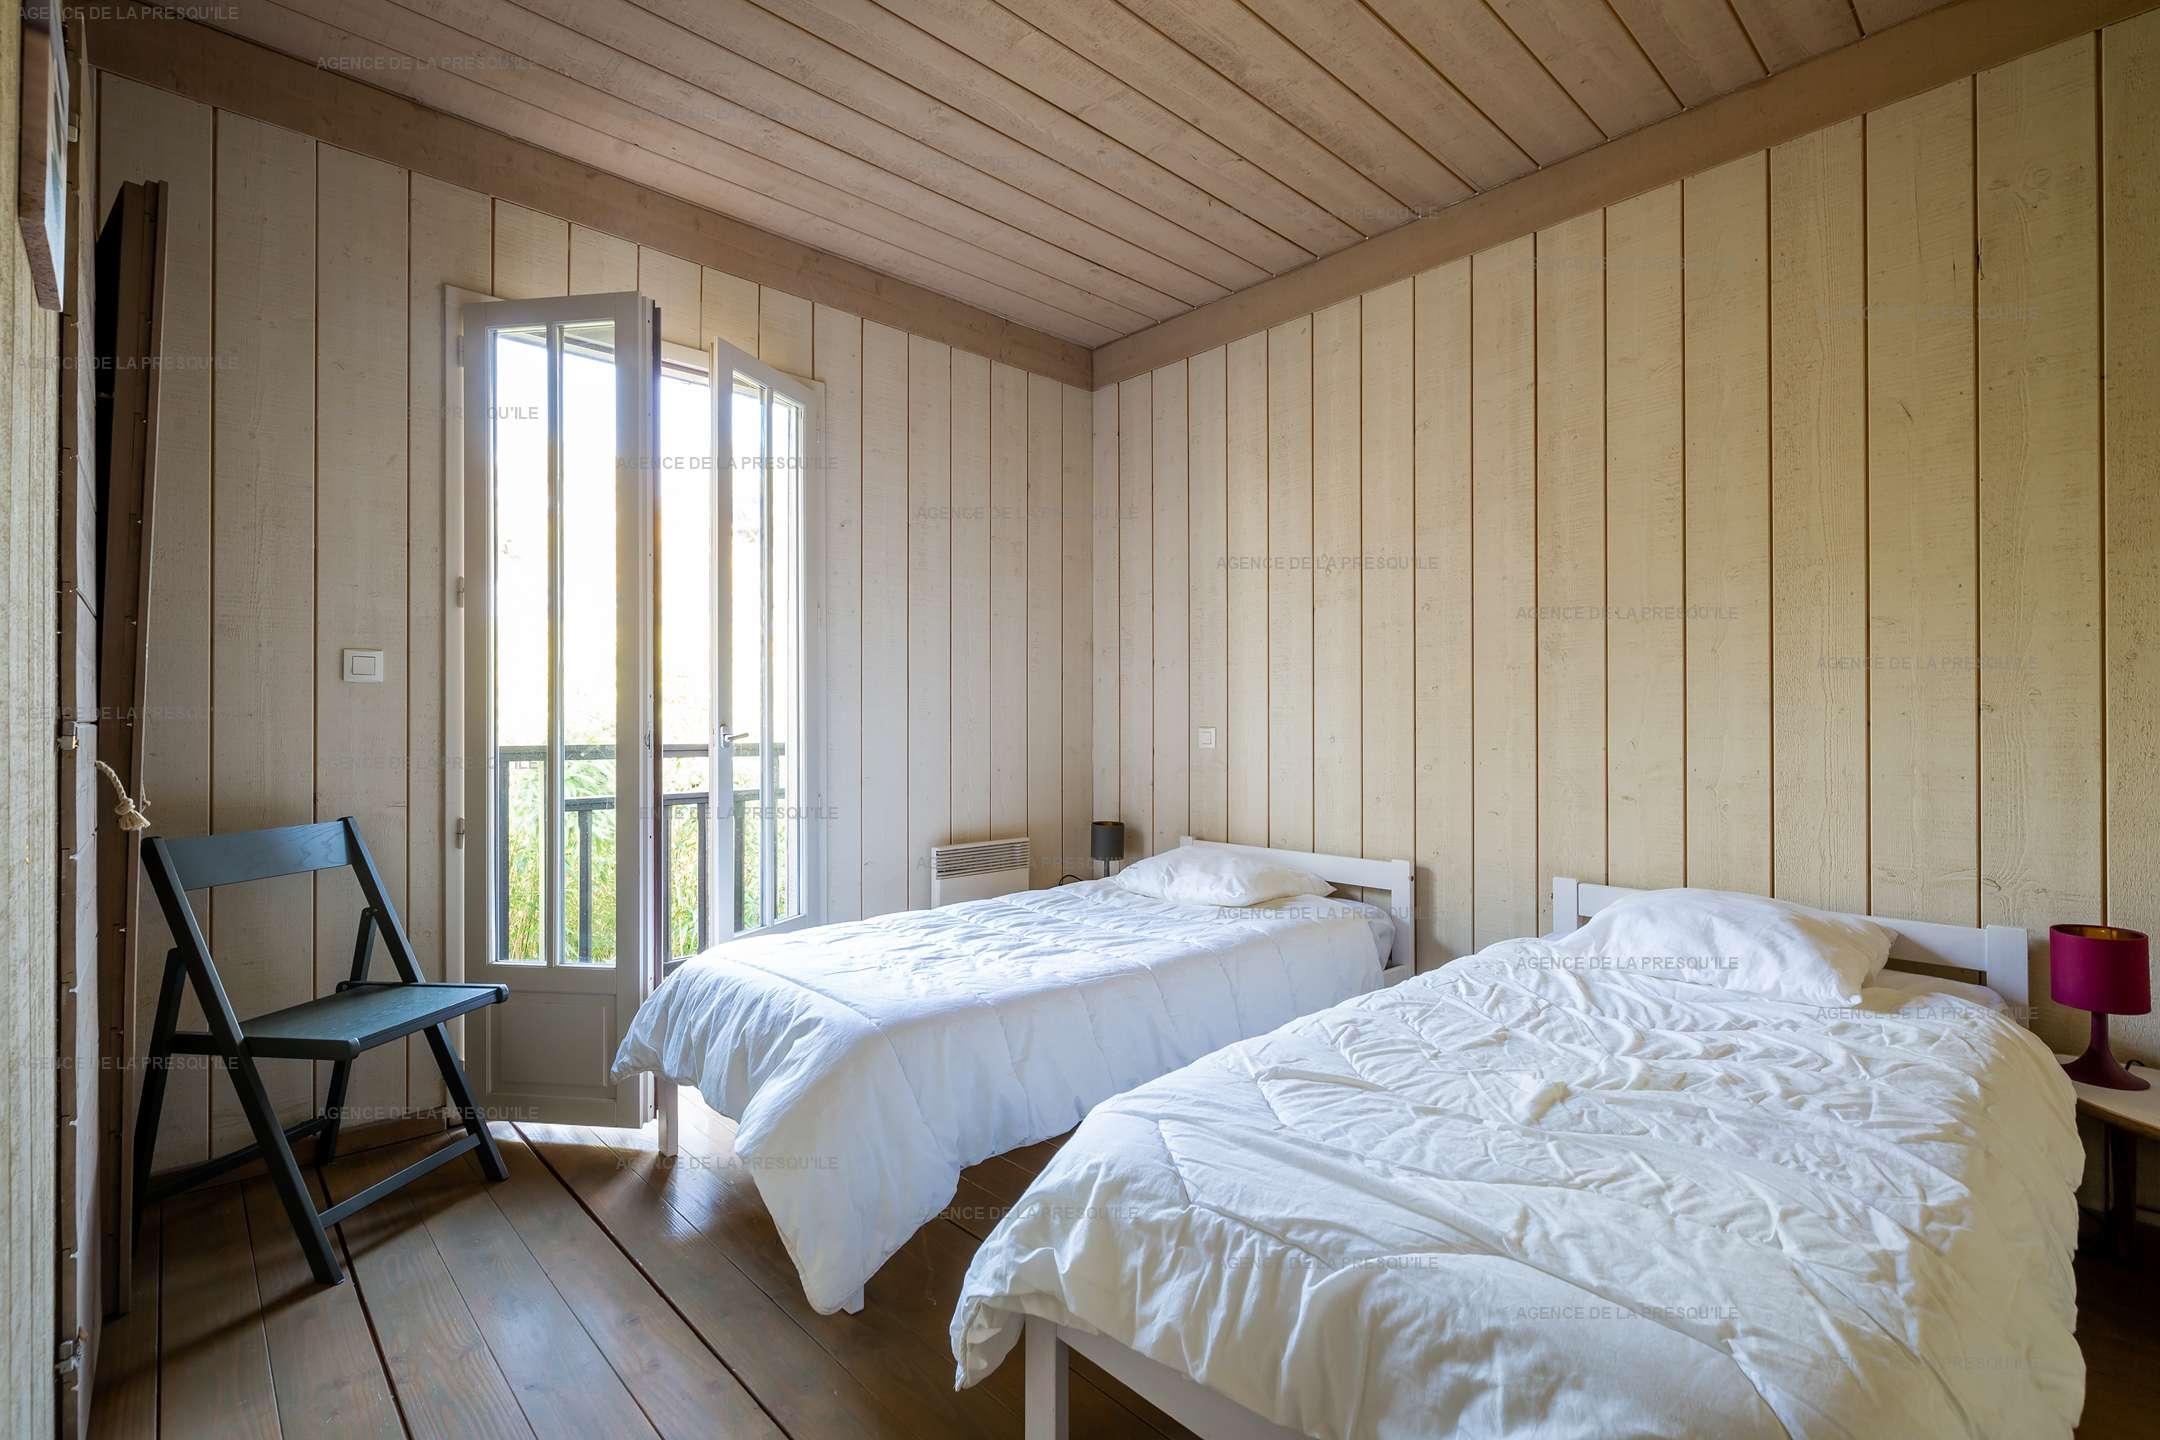 Location: Cabane en bois à proximité de l'océan 9